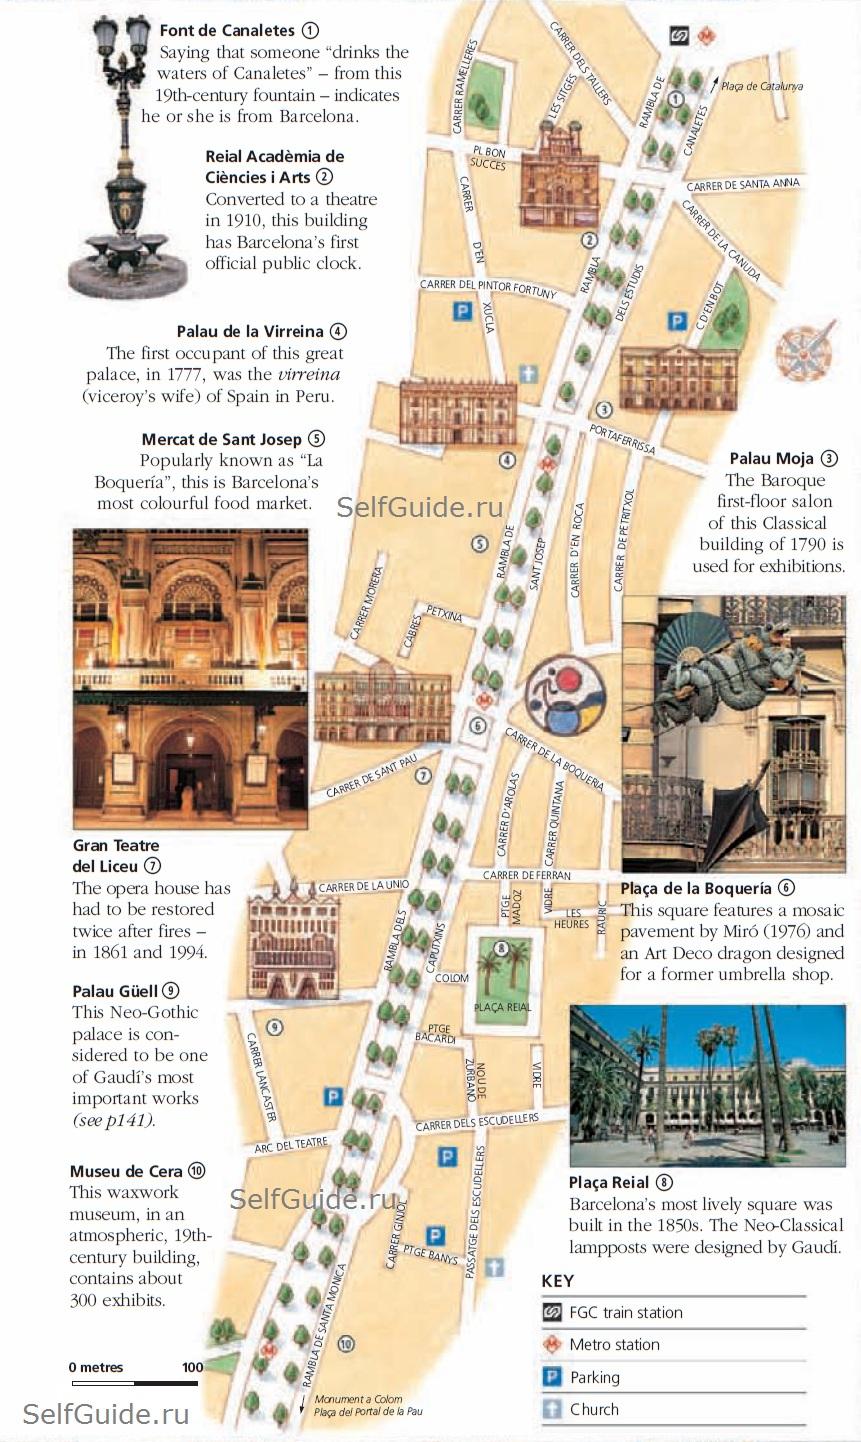 Маршрут по La Rambla - пешие туристические маршруты по Барселоне с картой и описаниями, путеводитель по Барселоне - скачать. Достопримечательности Барселоны, что посмотреть в Барселоне, тематический тур по Барселоне, экскурсии по Барселоне, гид по Барселоне, Коста Брава, Испания, скачать бесплатно, Каталония, Spain Costa Brava Catalonia Barcelona travel guide free download suggested itineraries walking tour tourist route main sights on La Rambla street in Barcelona interesting buildings in Barcelona travel guide Barcelona city center what to see get around